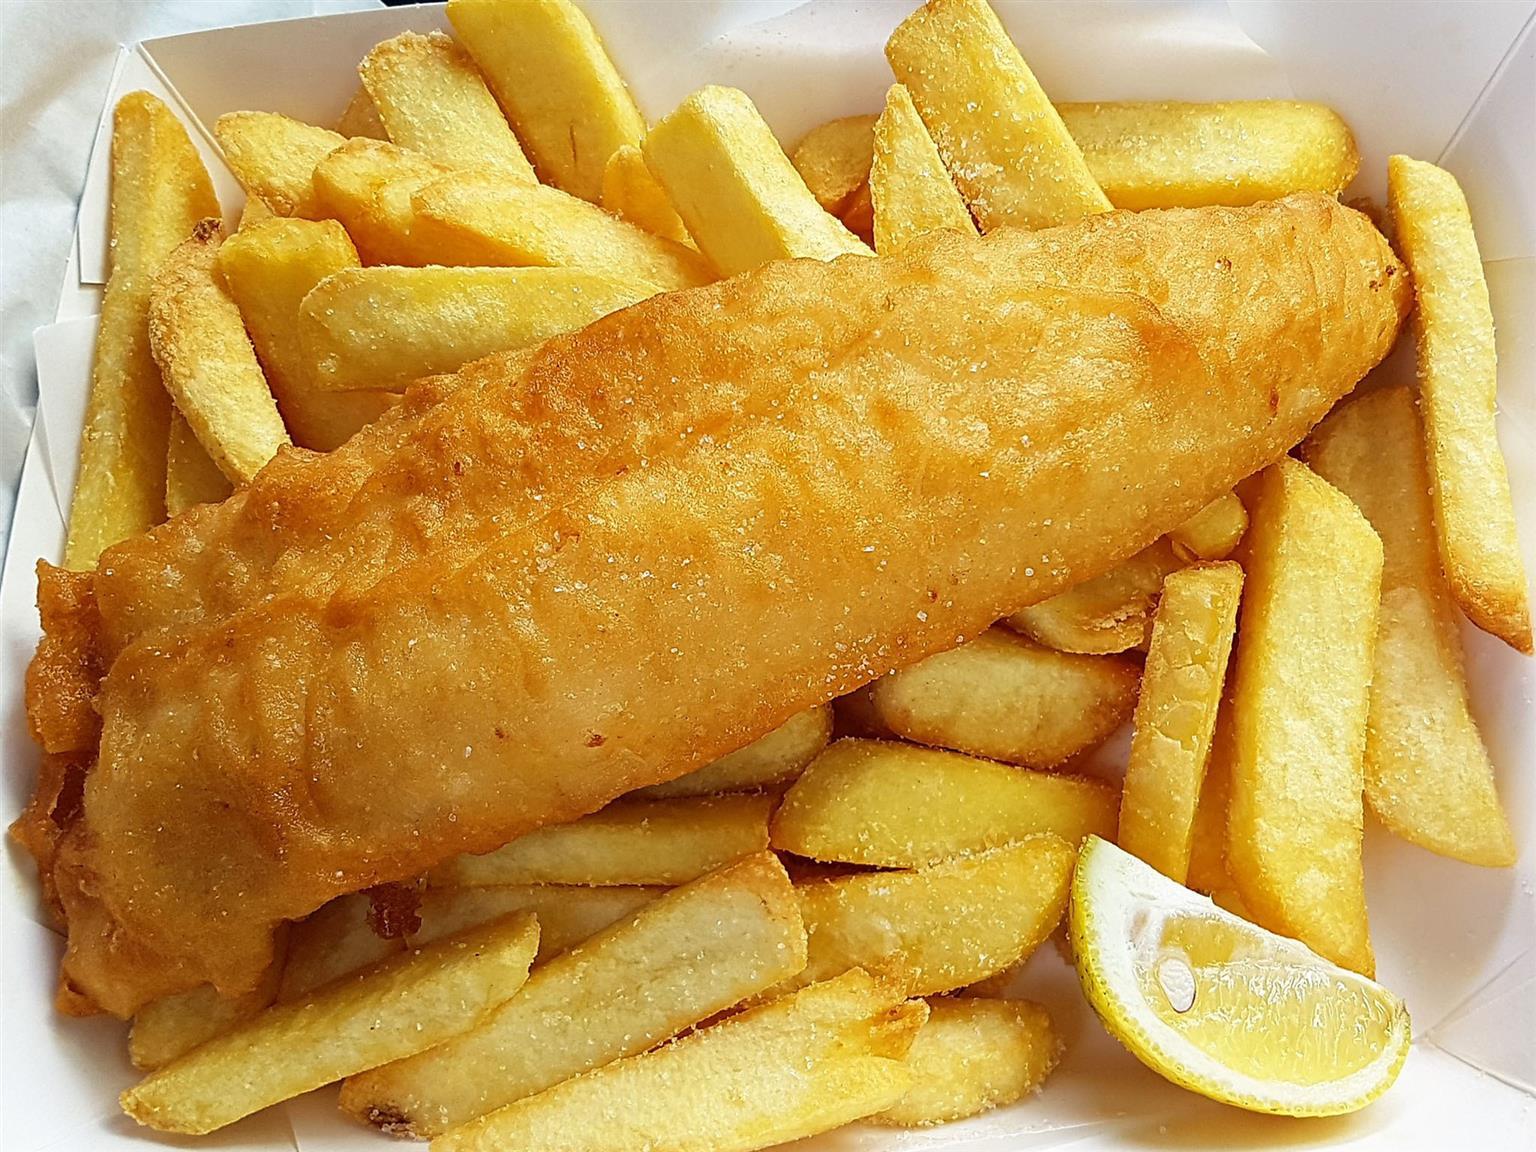 Fish & Chips (Brakpan)